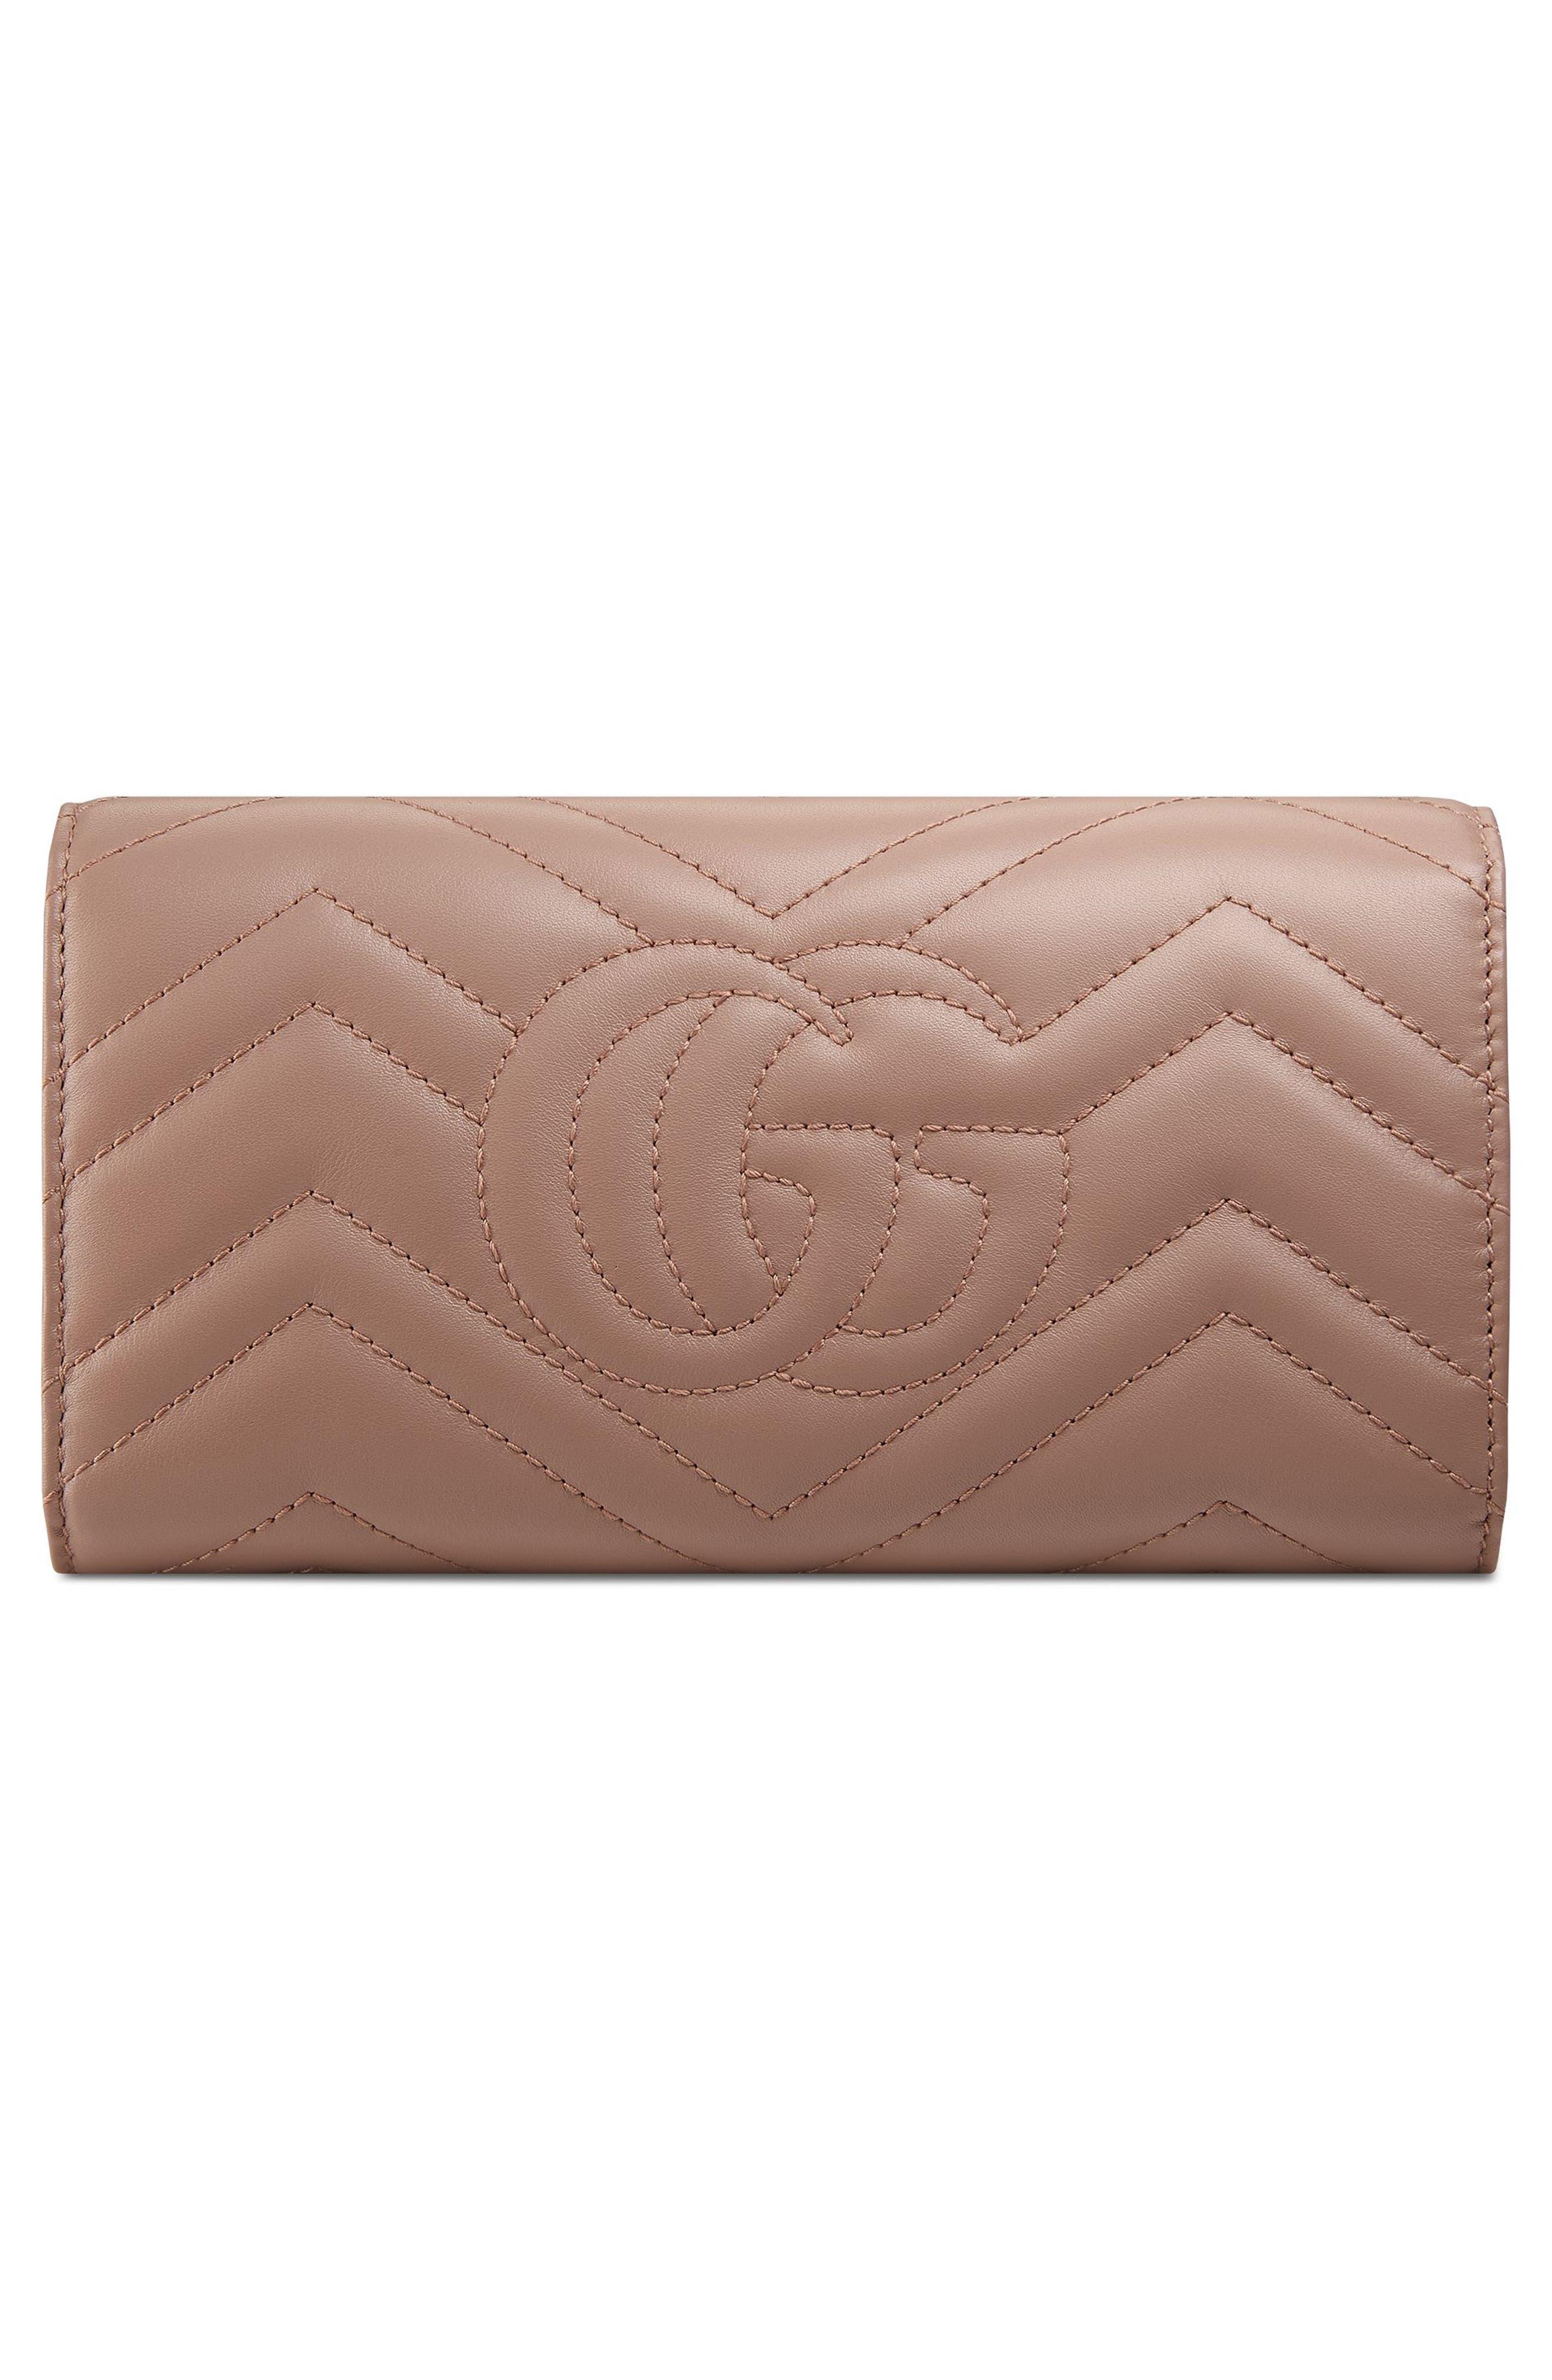 GG Marmont Matelassé Leather Continental Wallet,                             Alternate thumbnail 3, color,                             PORCELAIN ROSE